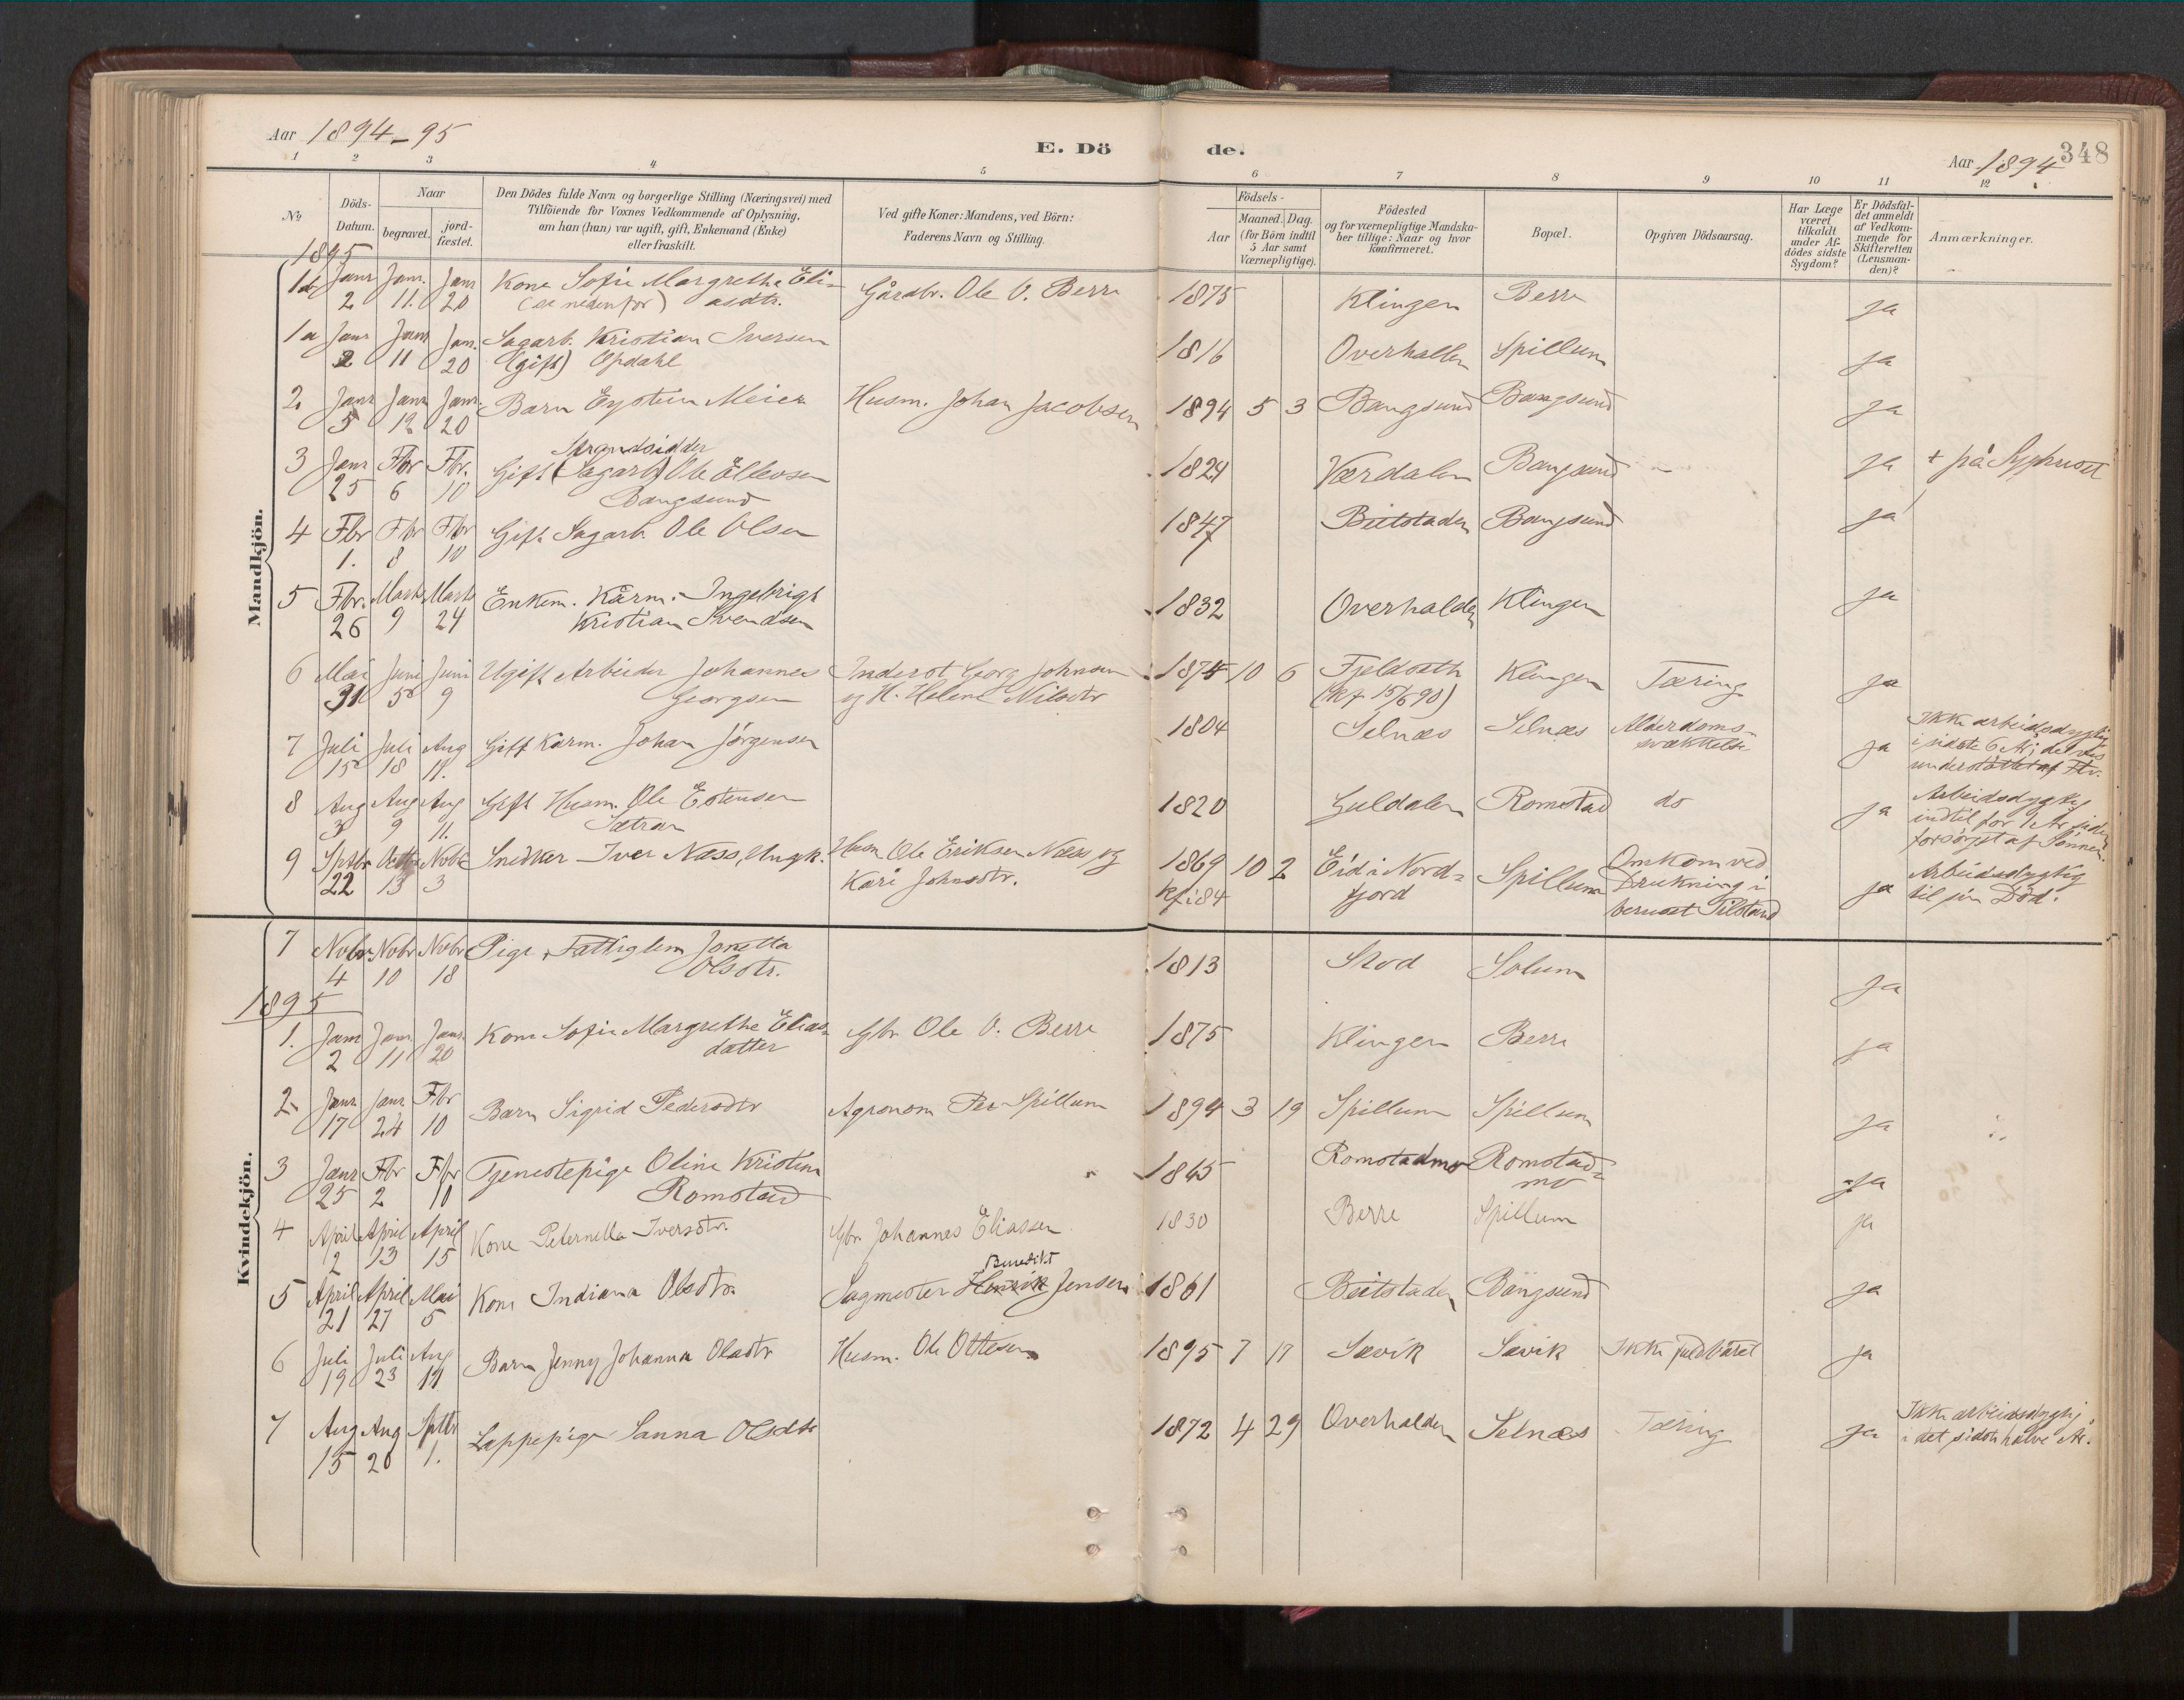 SAT, Ministerialprotokoller, klokkerbøker og fødselsregistre - Nord-Trøndelag, 770/L0589: Ministerialbok nr. 770A03, 1887-1929, s. 348